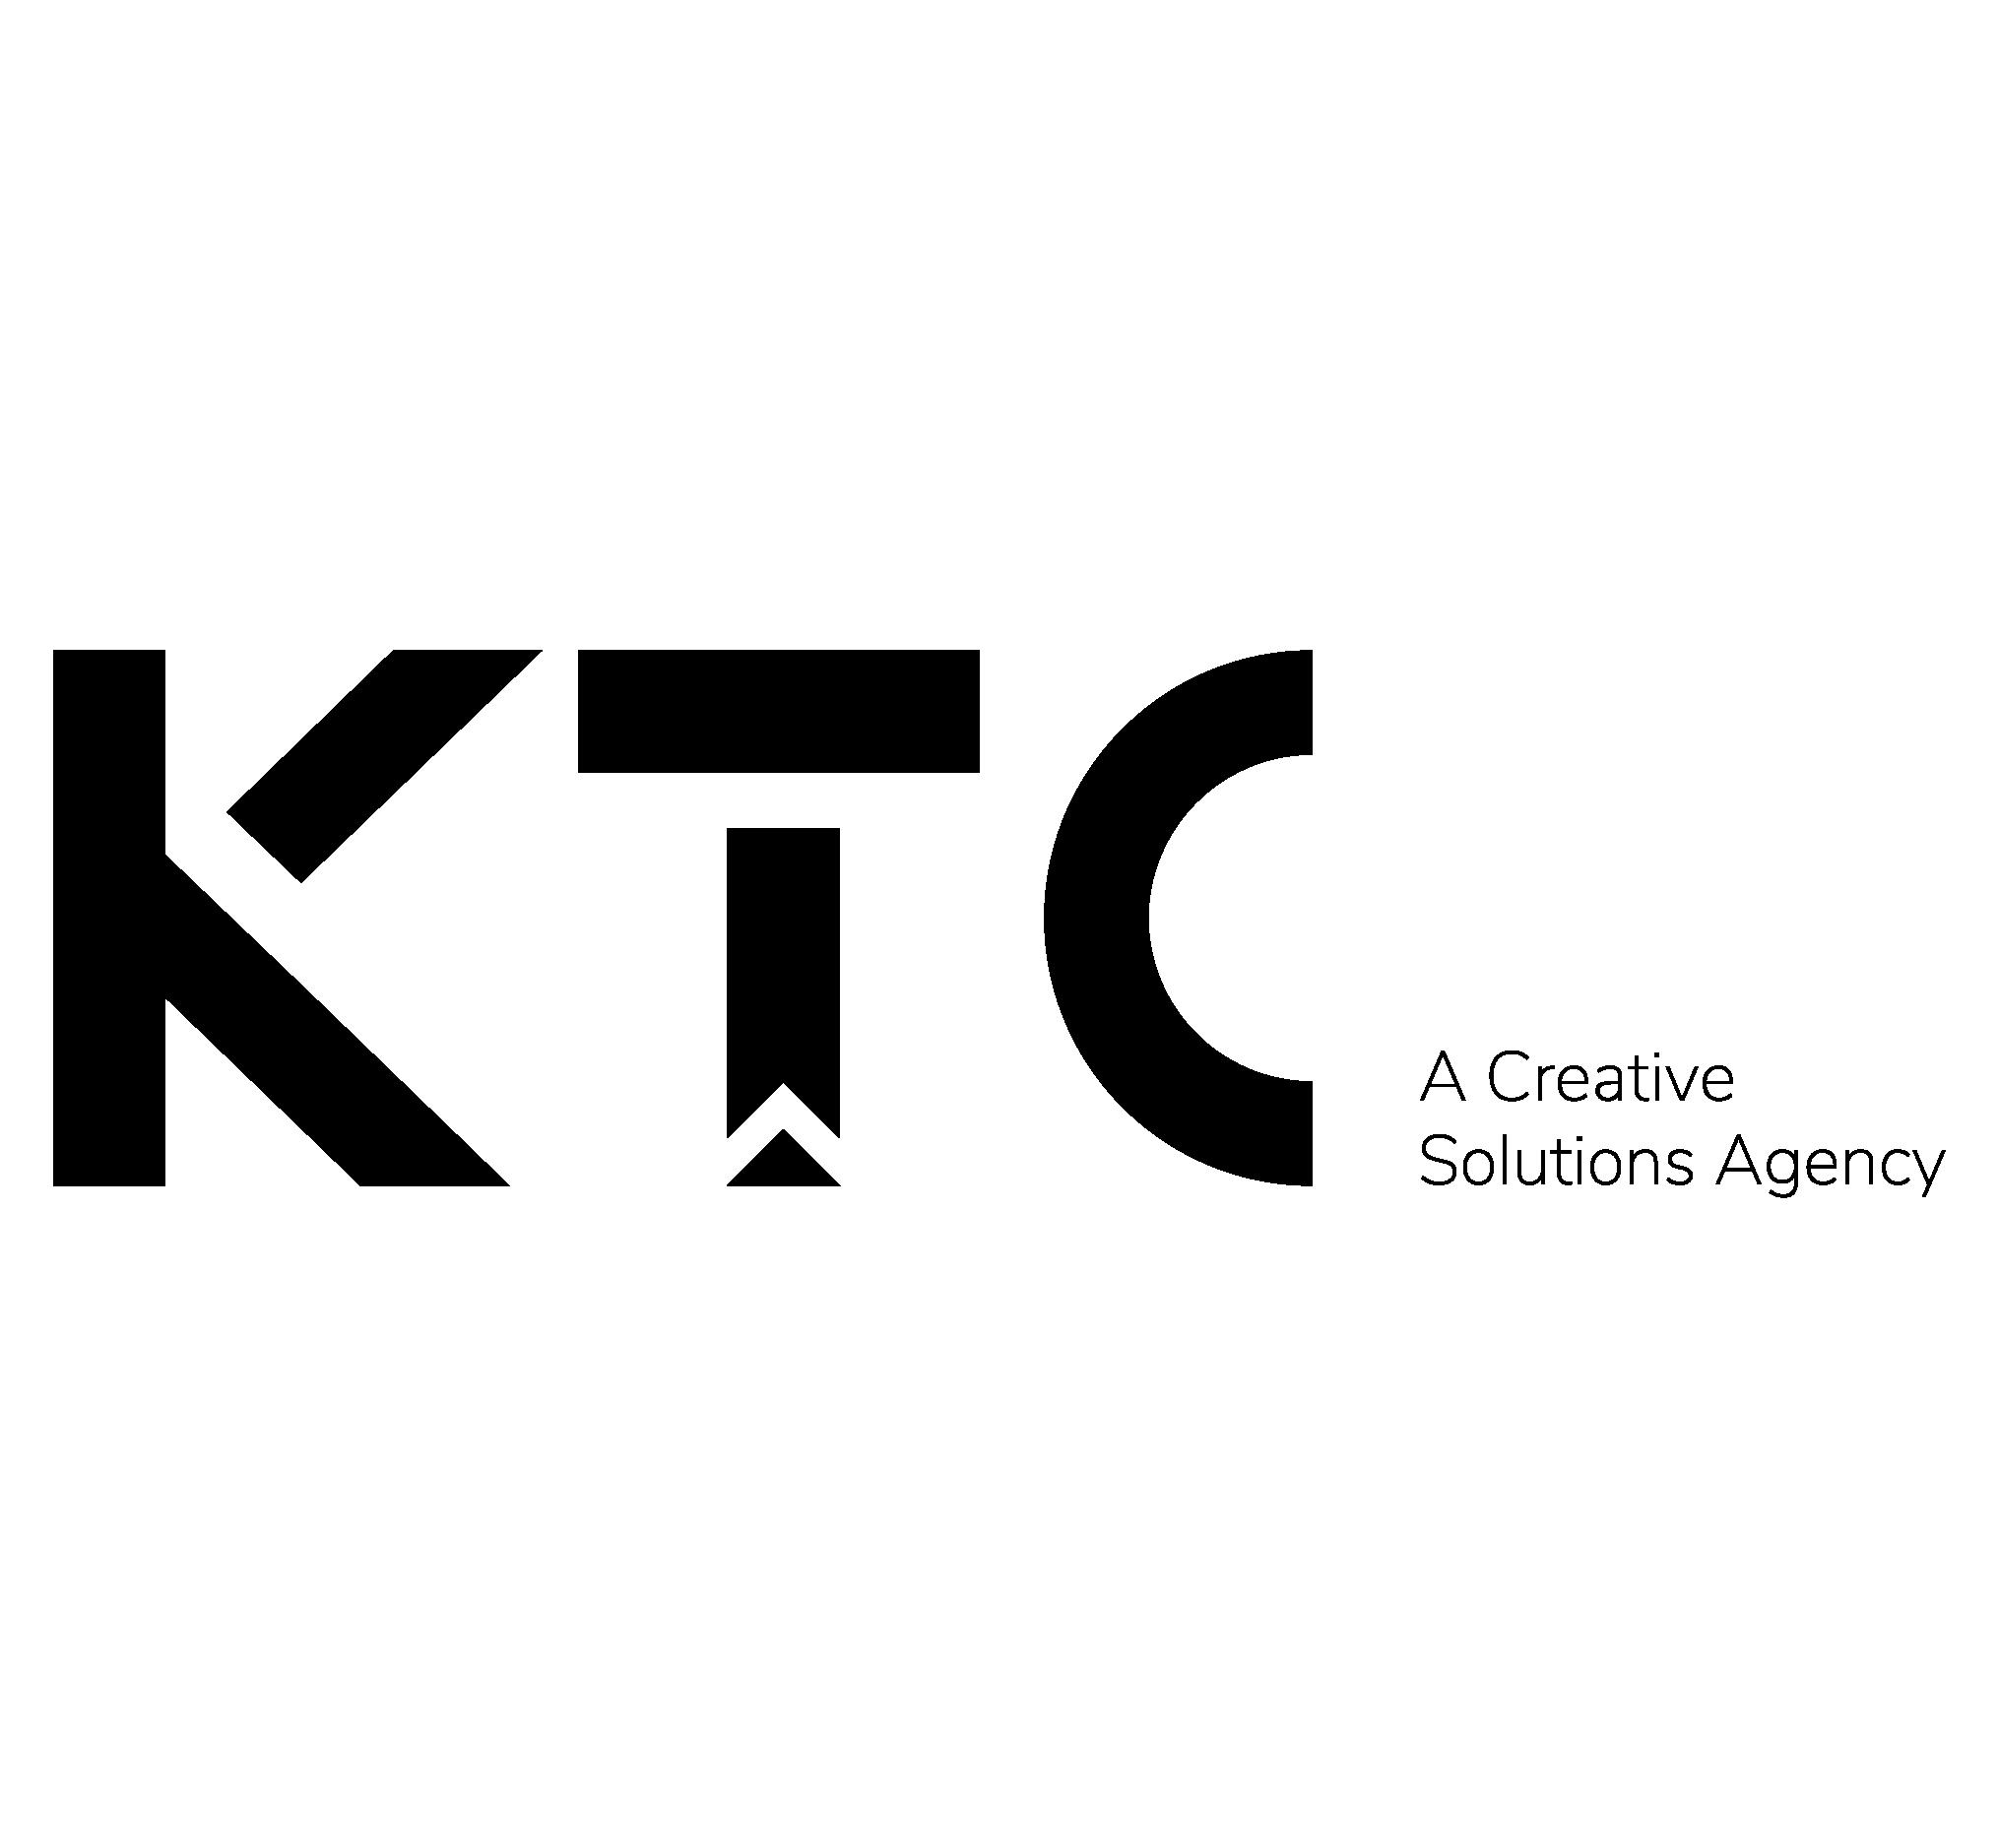 Logo + tagline Black